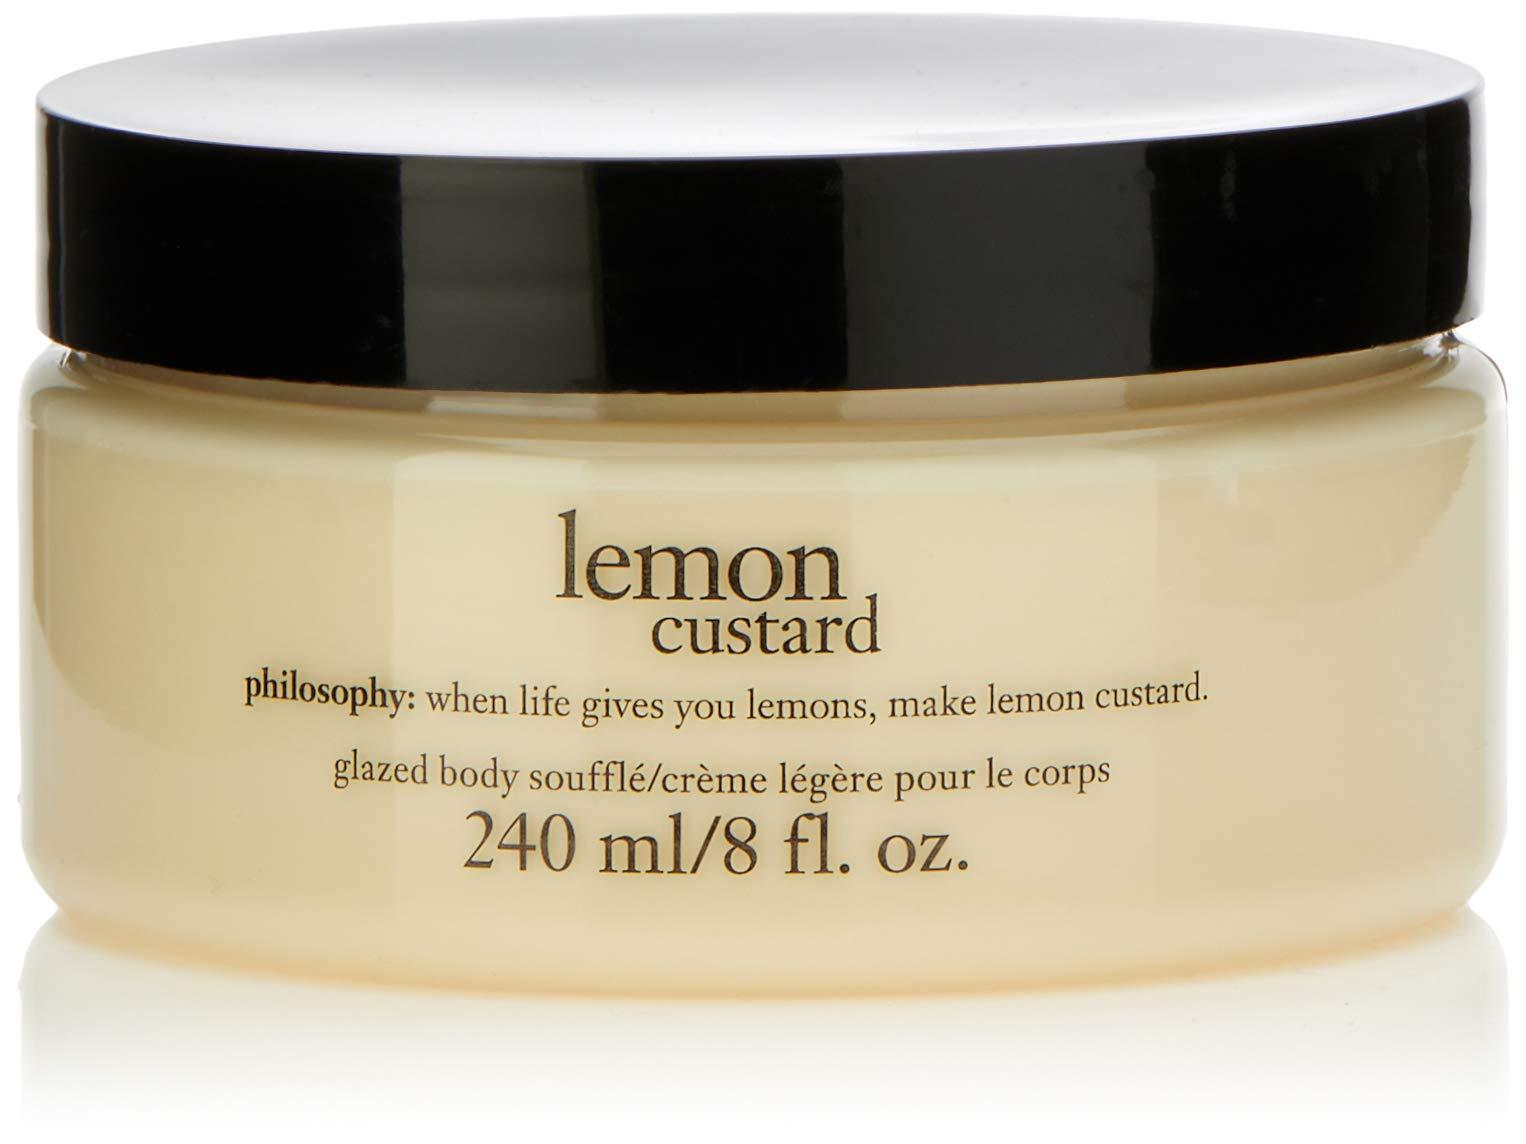 Philosophy Lemon Custard Glazed Body Souffle By Philosophy for Unisex - 8 Oz Body Souffle, 8 Oz